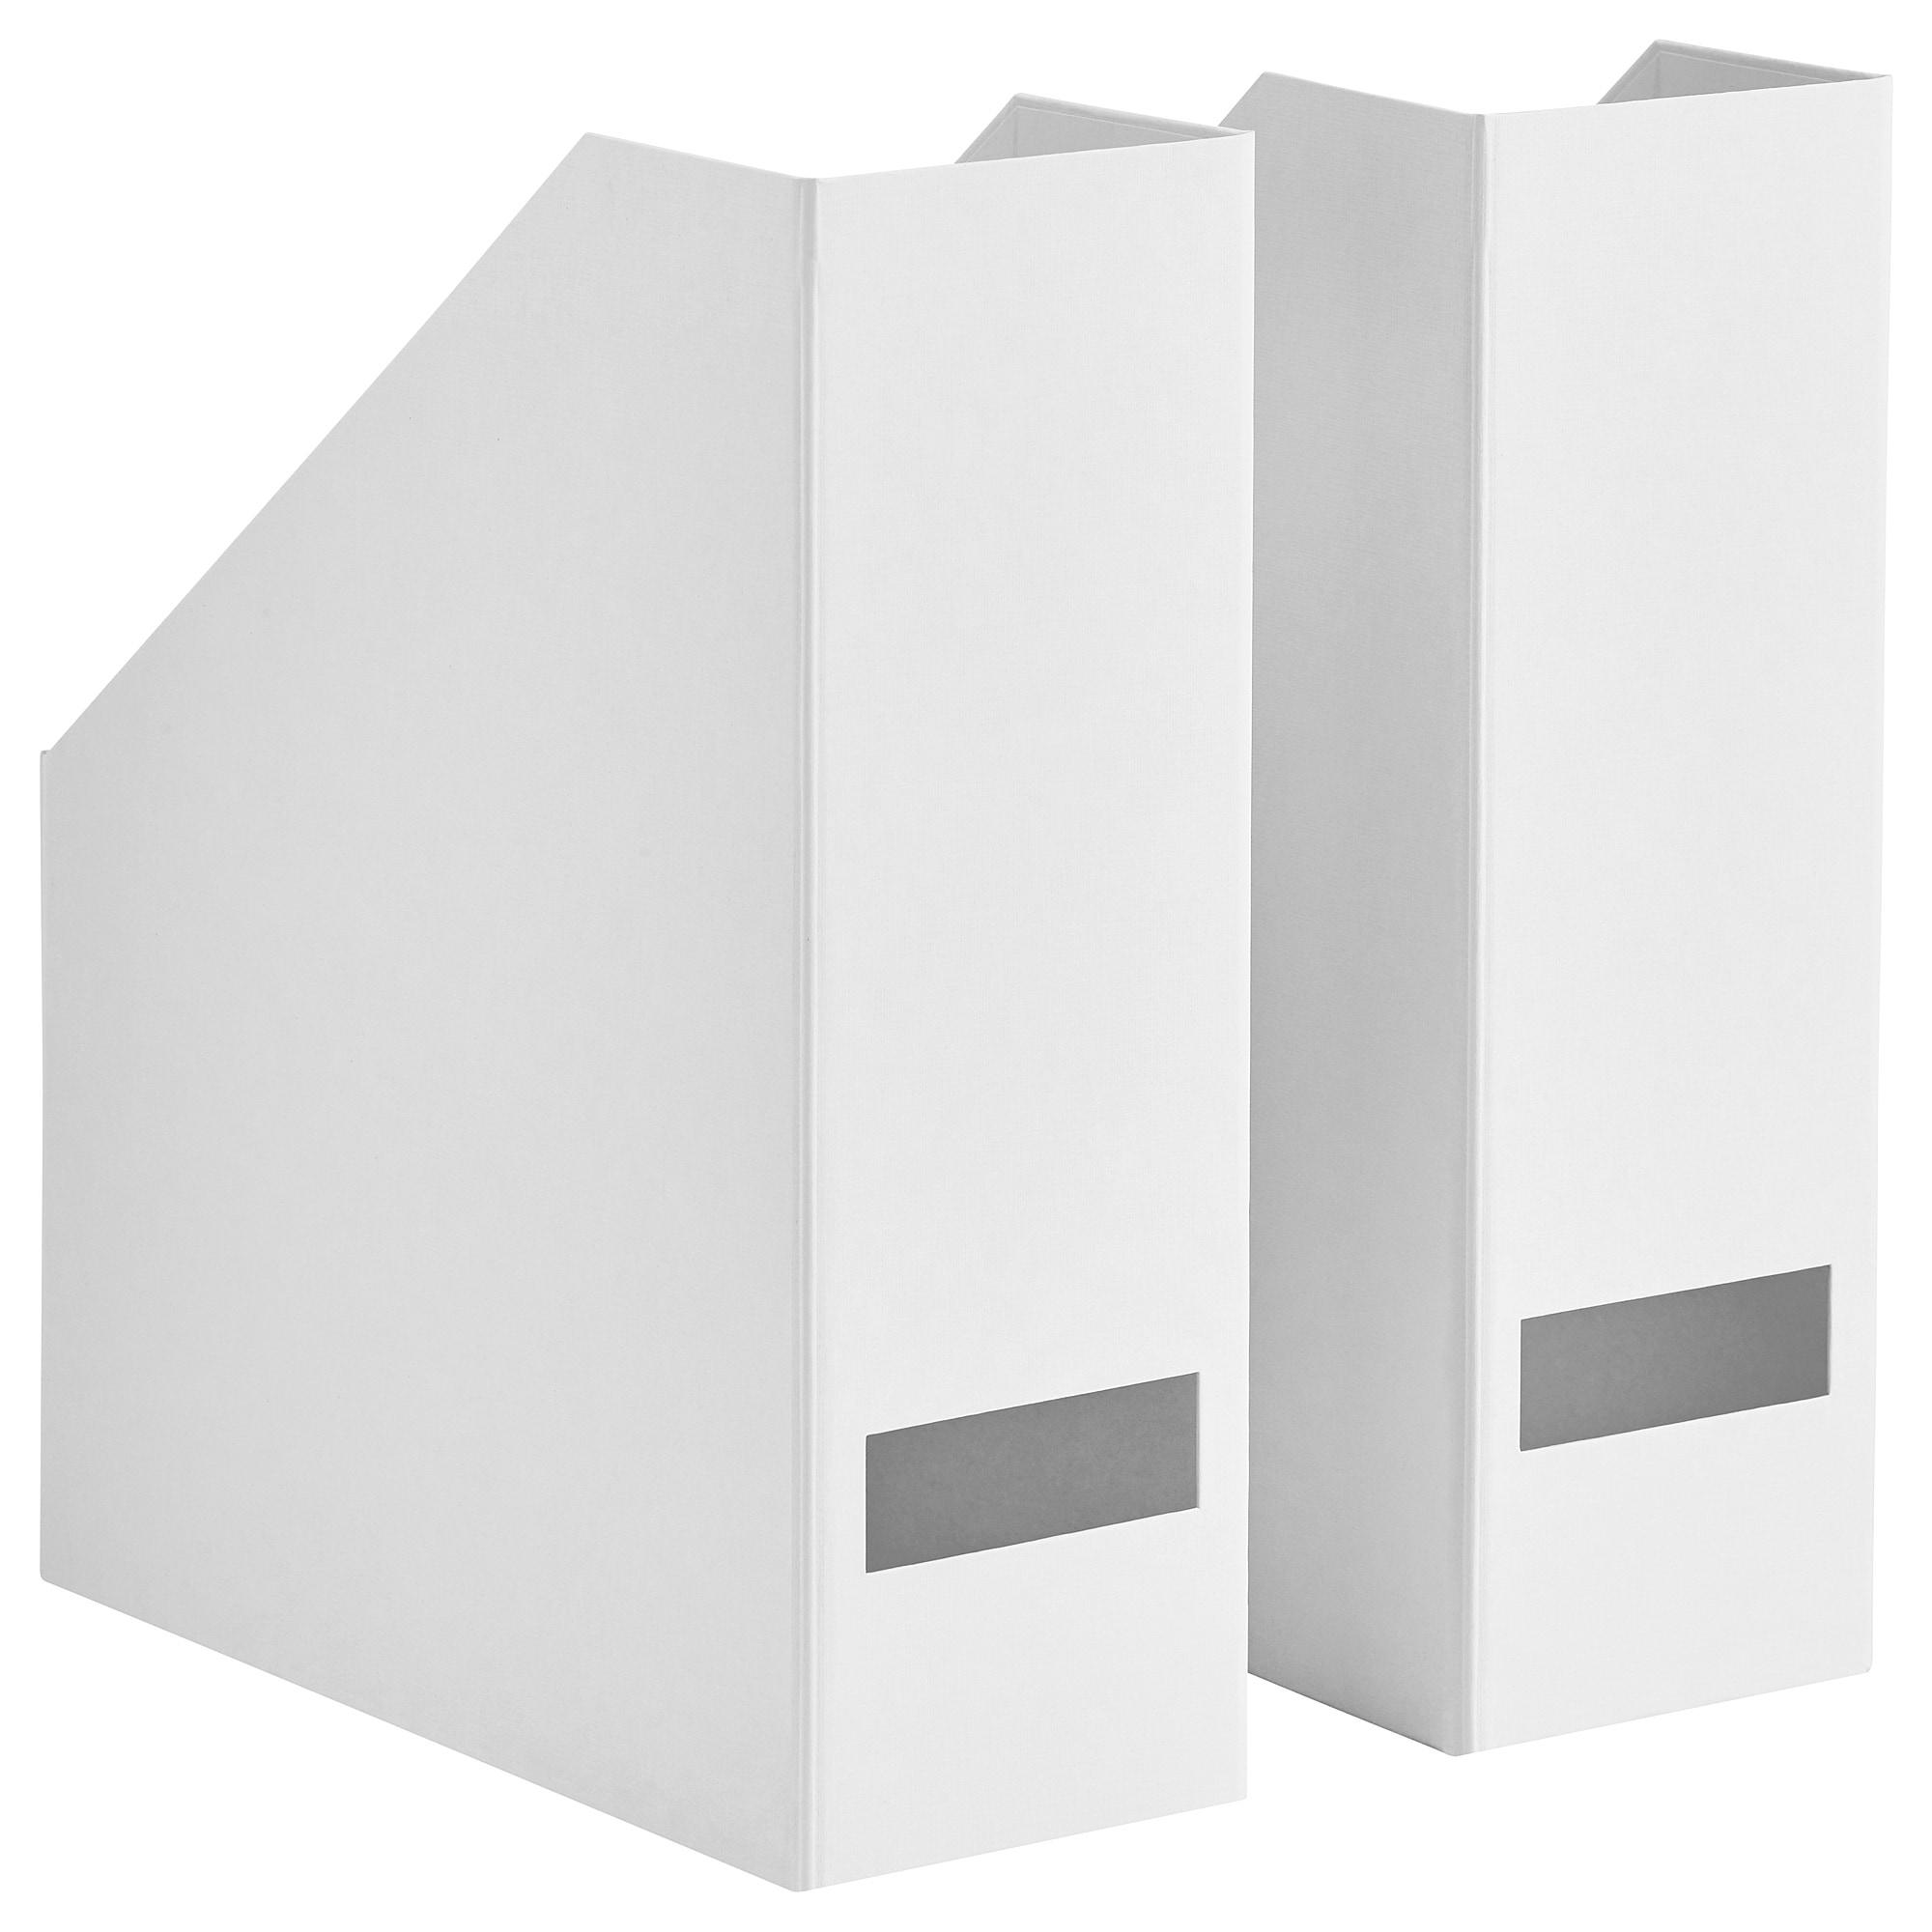 Archivador Metalico Ikea 9fdy organizadores De Documentos Y Escritorios Pra Online Ikea